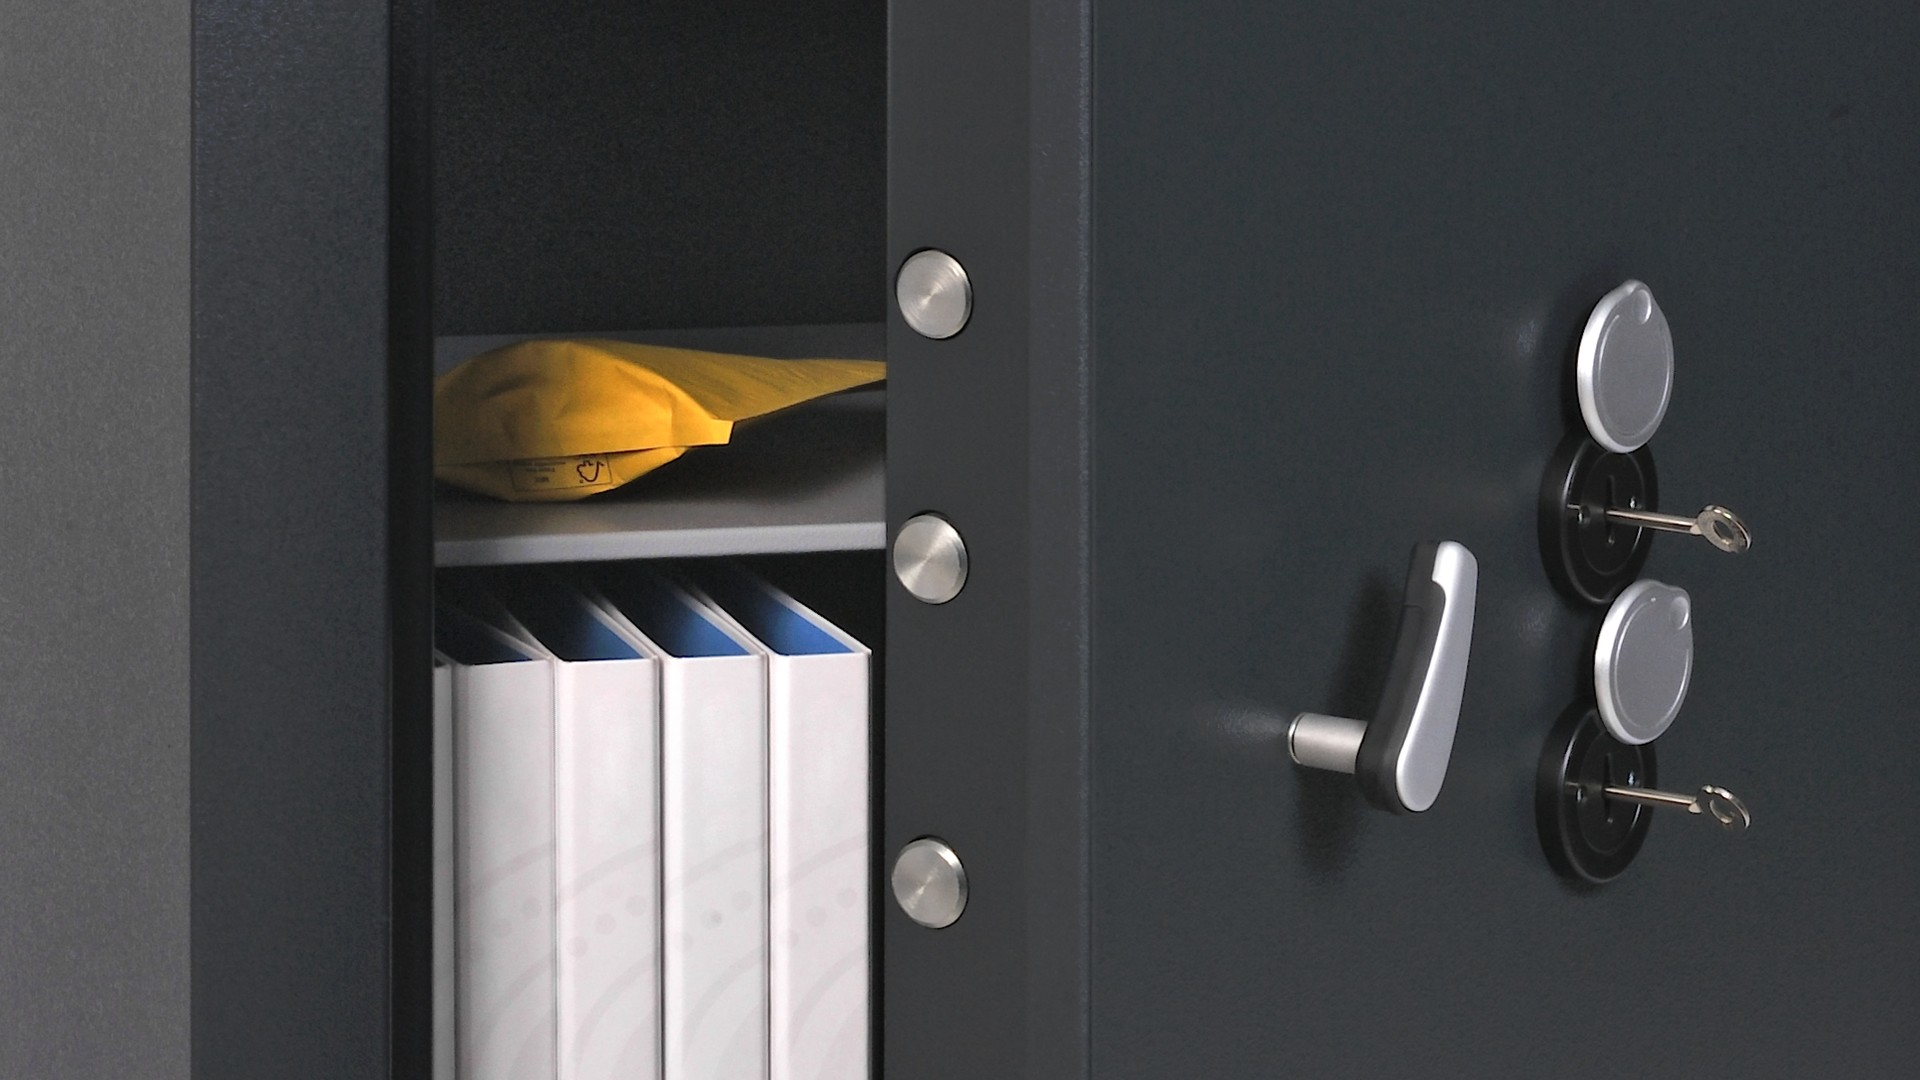 Door and handle